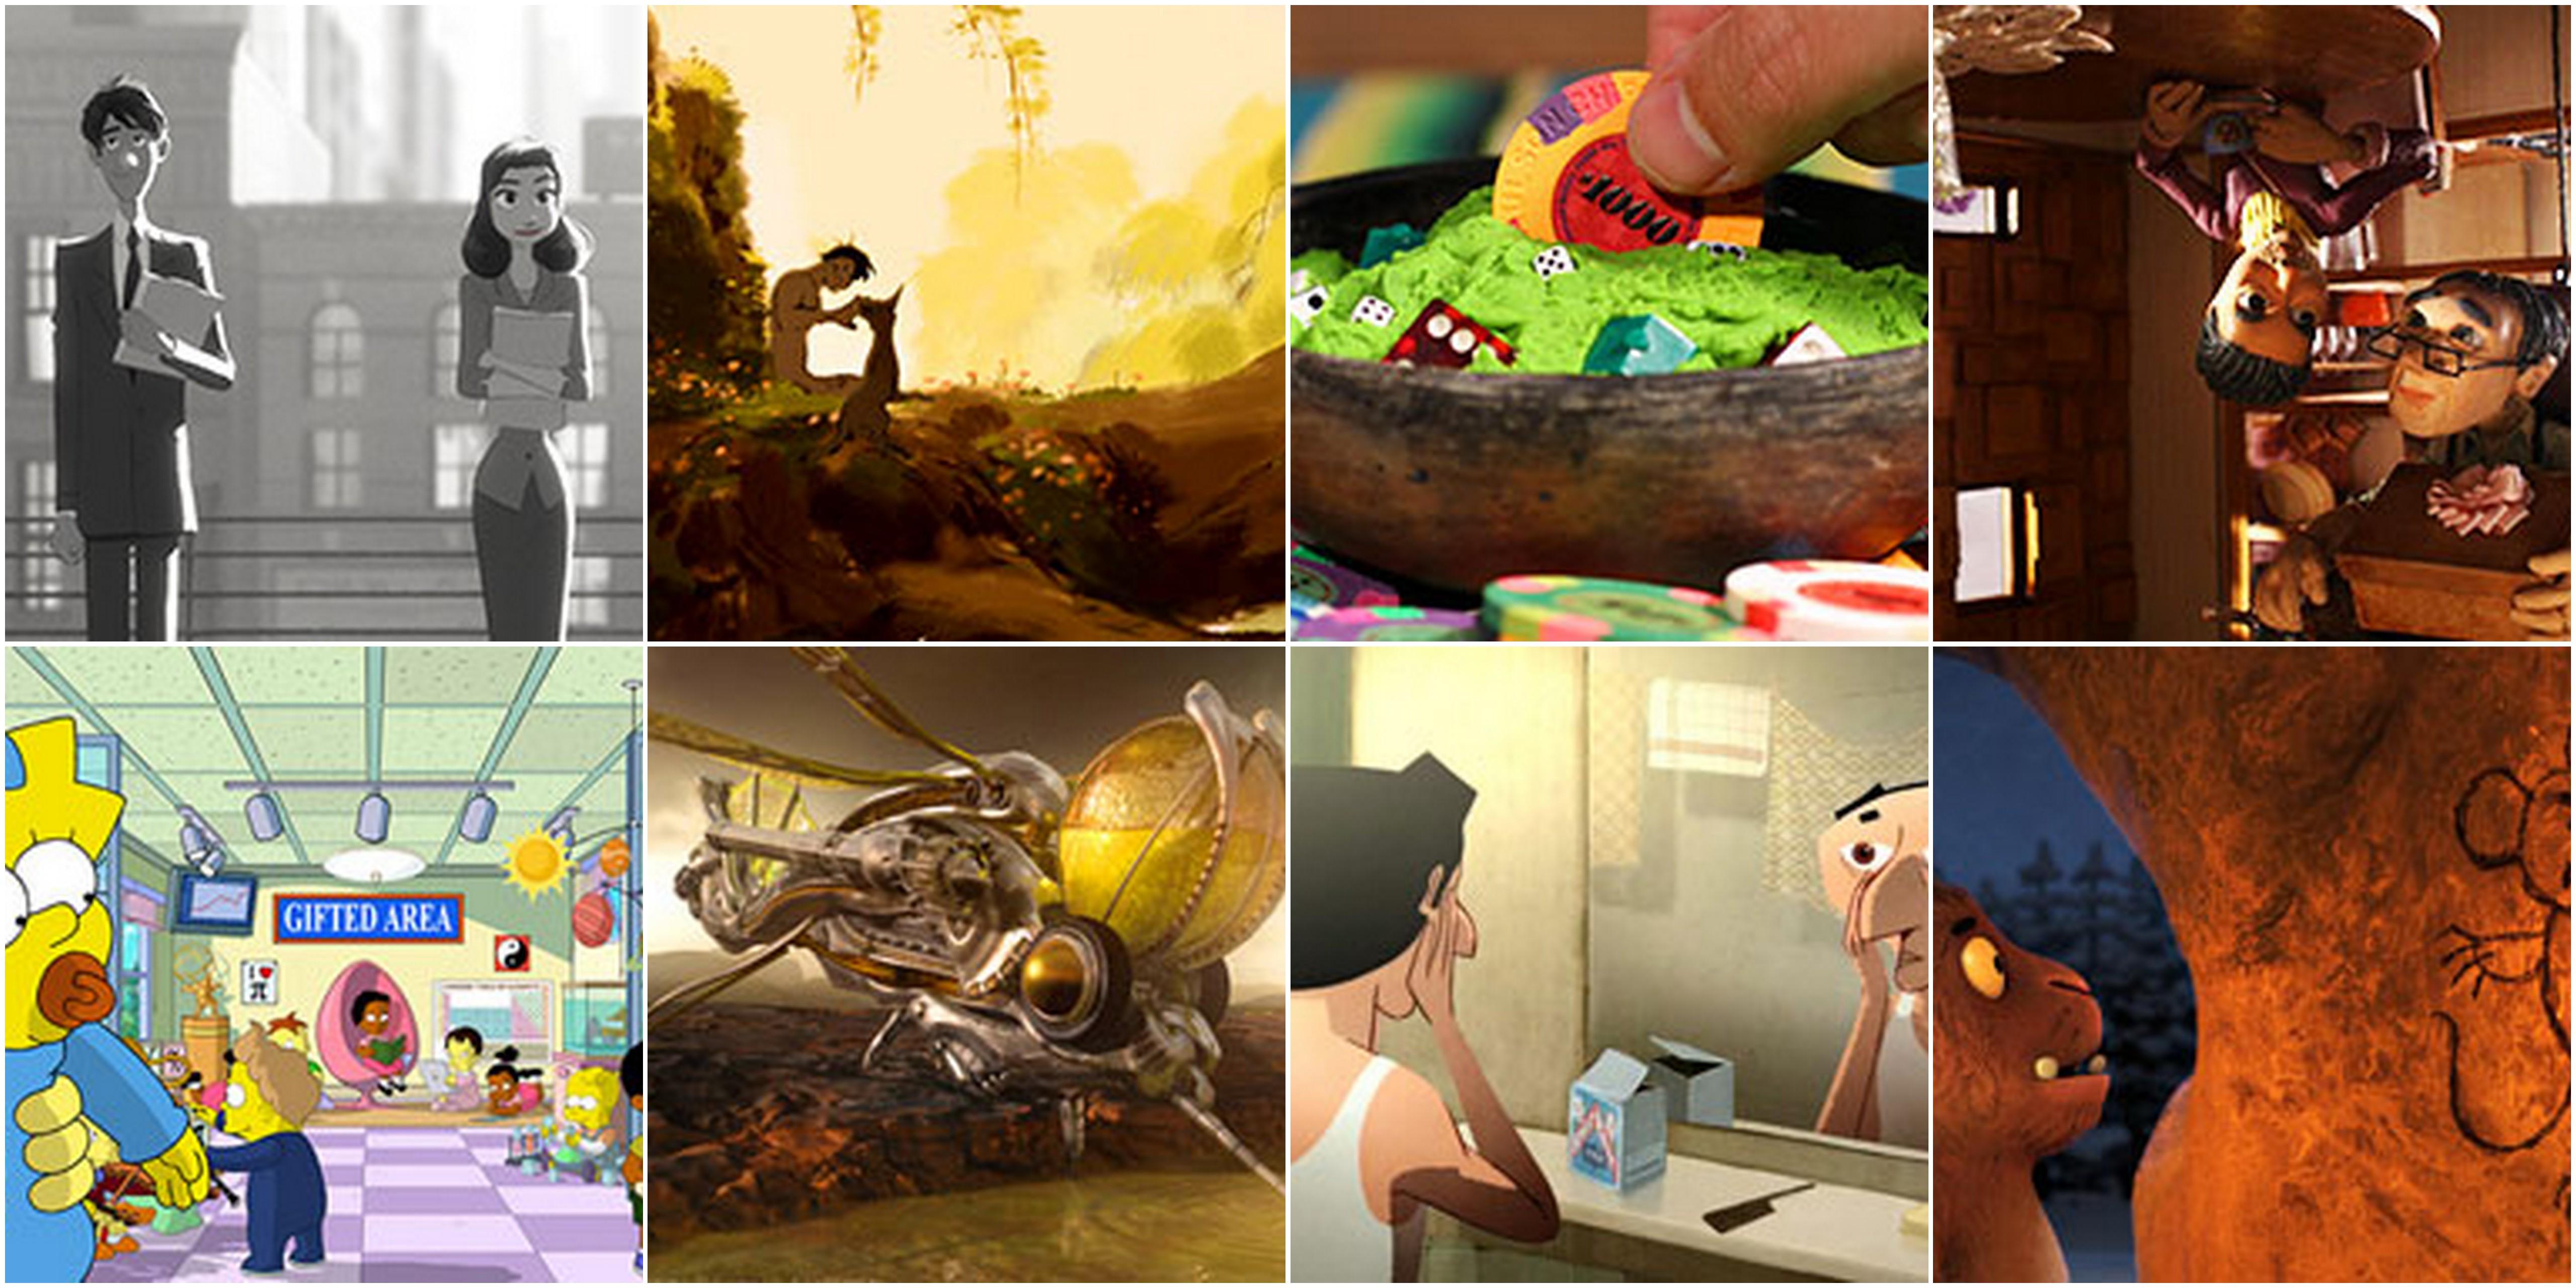 os_animation_image